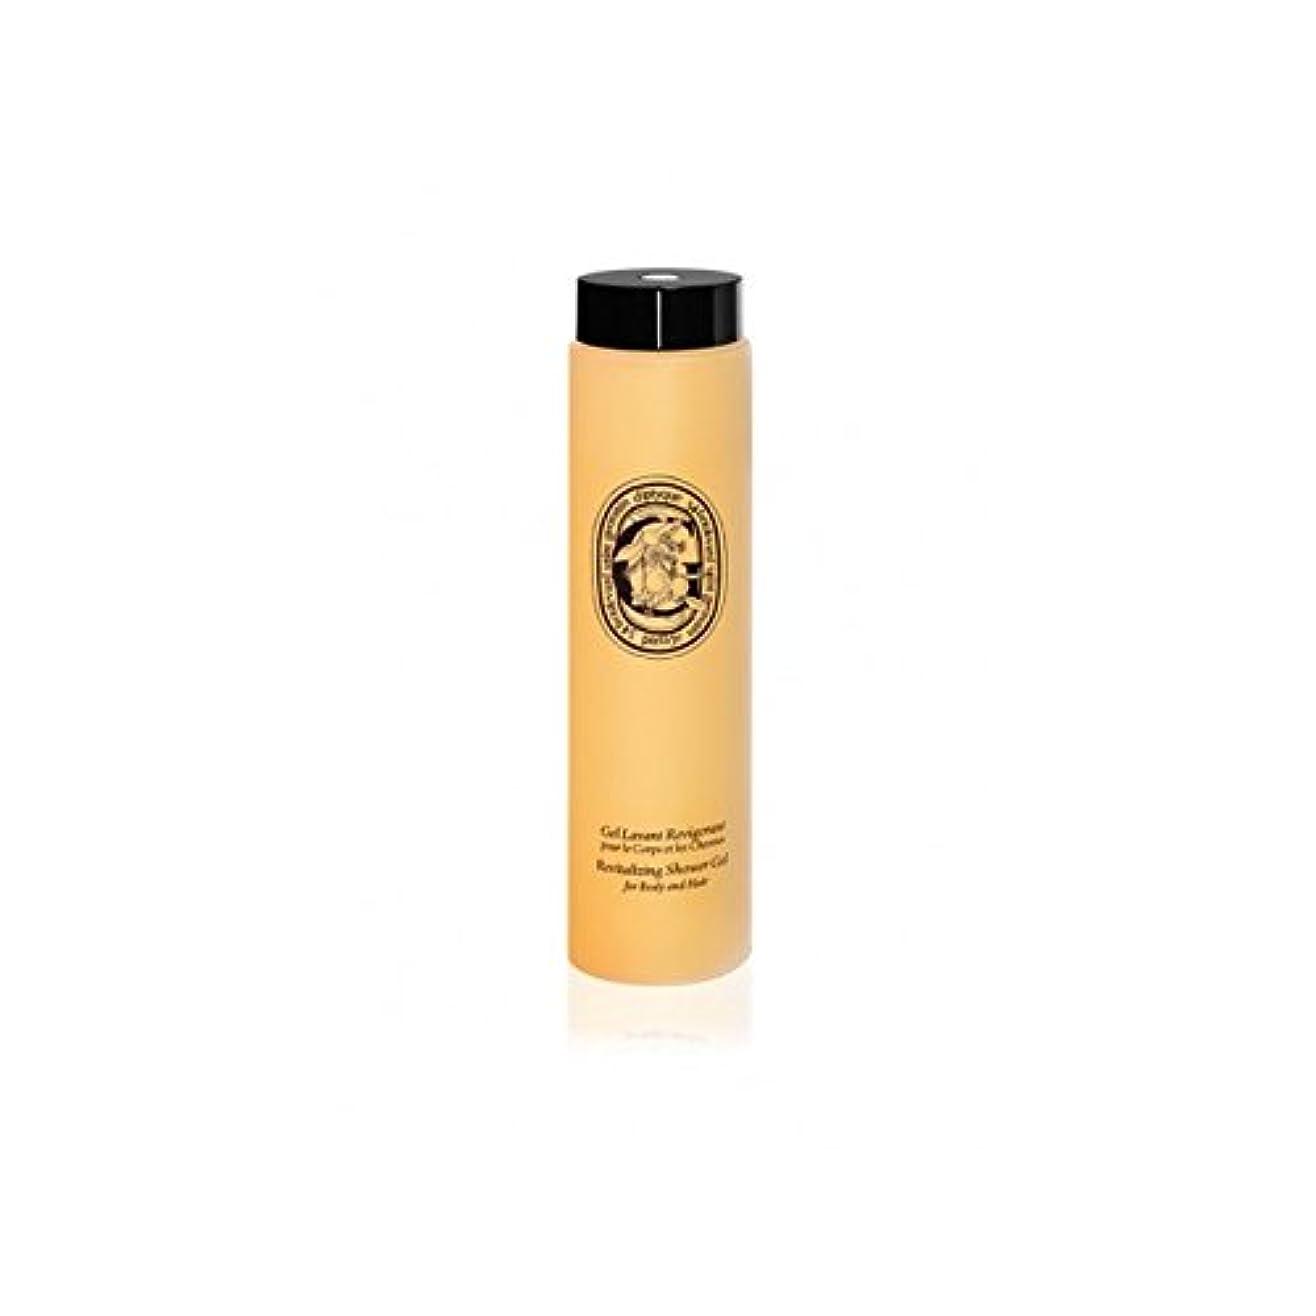 発見する虹項目Diptyque Revitalizing Shower Gel For Body And Hair 200ml (Pack of 2) - ボディ、ヘア200ミリリットルのためDiptyqueのリバイタライジングシャワージェル...